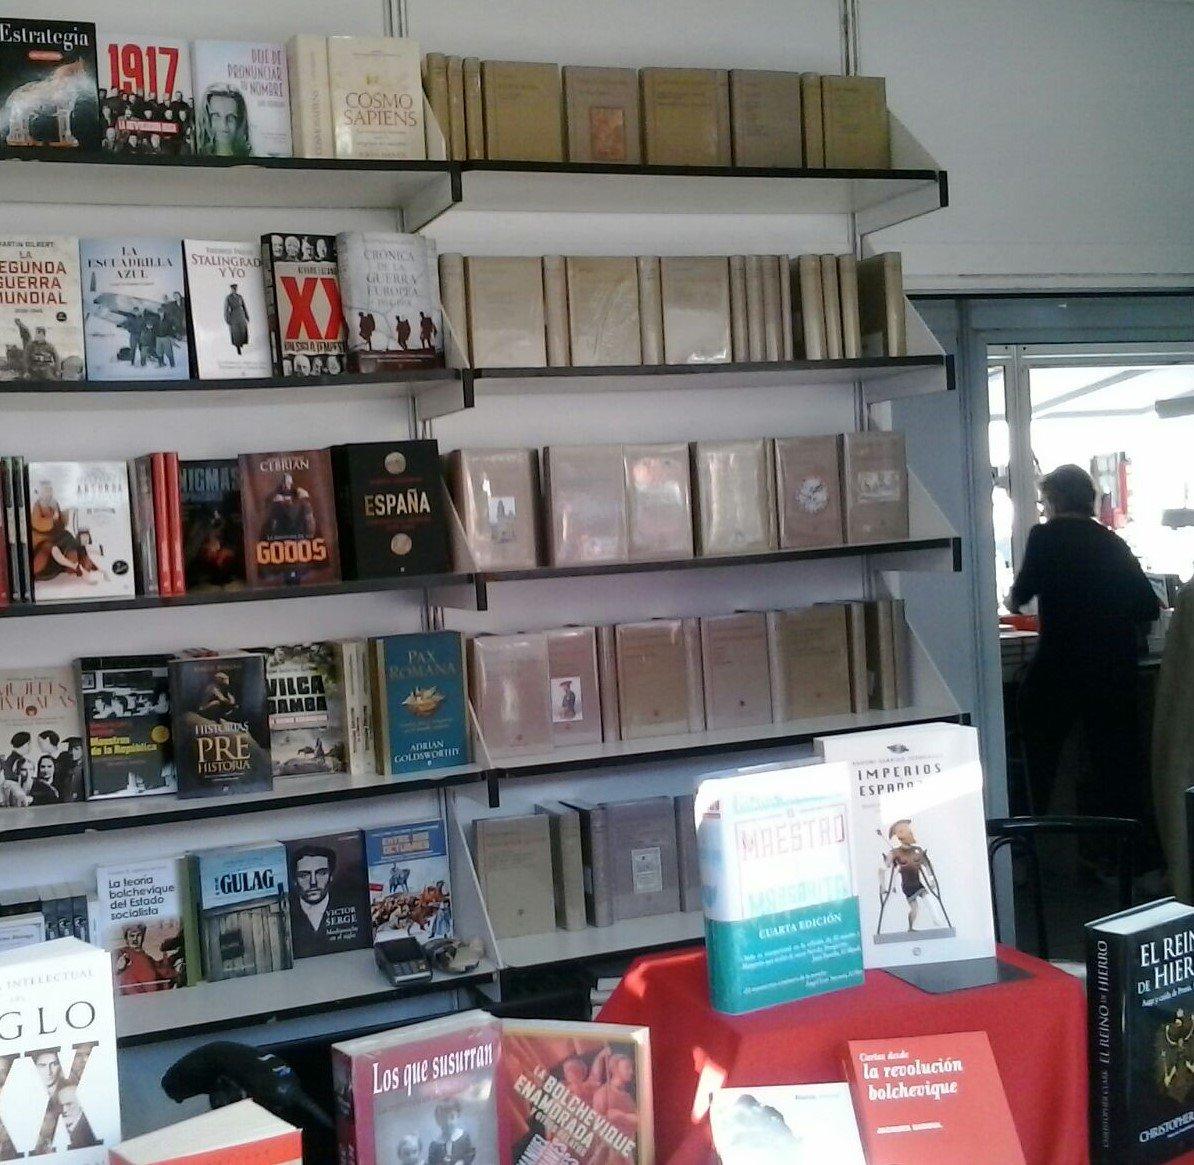 test Twitter Media - ¿Todavía no tenéis plan para mañana? Os esperamos en la Feria del Libro de la Plaza Mayor (Caseta n. 35) junto a la Librería Polifemo. https://t.co/7L4tfMCw23